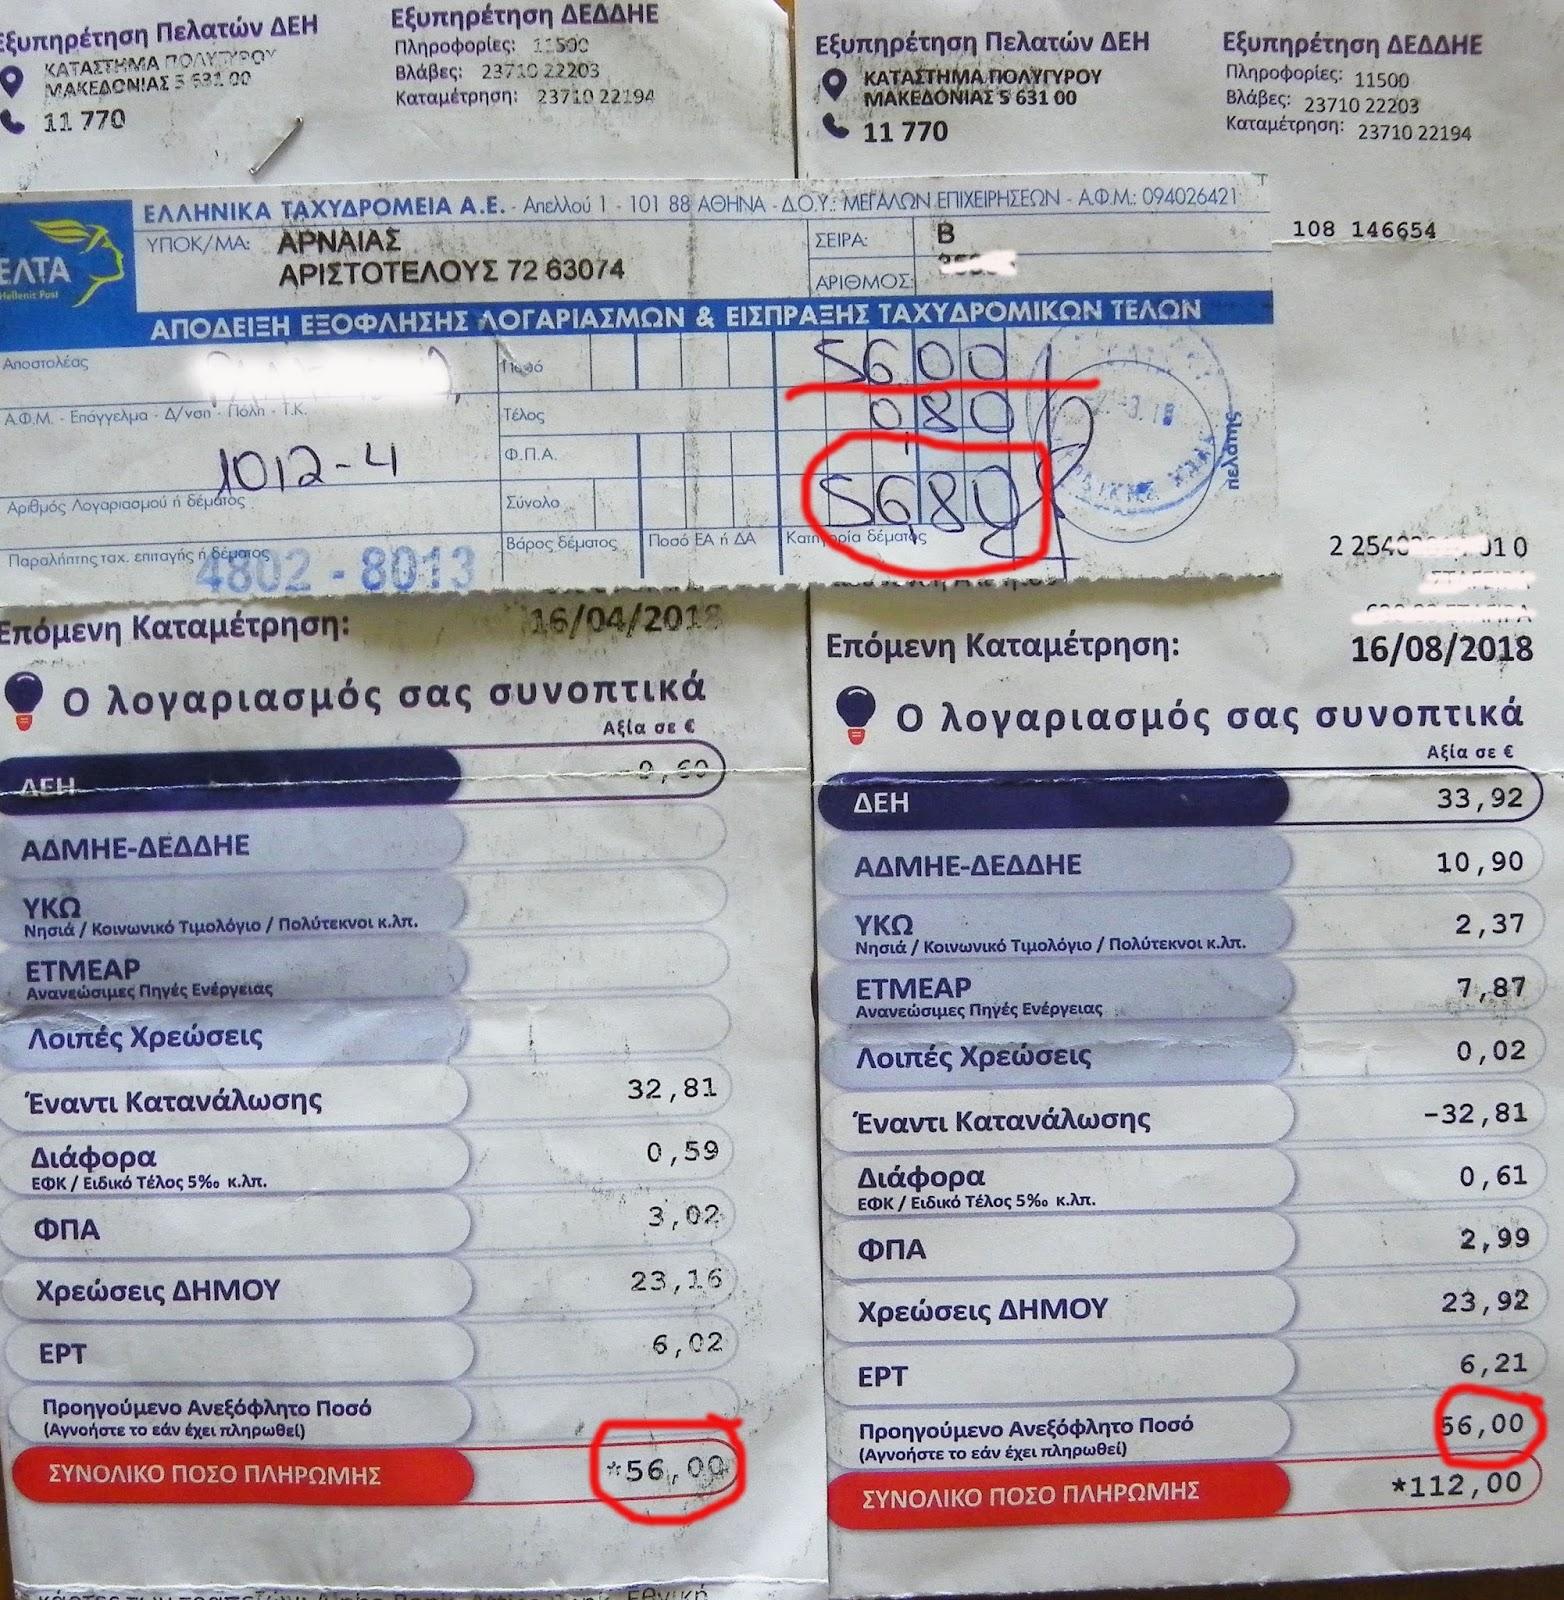 Λογαριασμοί ρεύματος στη Χαλκιδική έρχονται με ανεξόφλητο ποσό που έχει πληρωθεί επειδή τα ΕΛΤΑ δεν αποδίδουν στη ΔΕΗ τα χρήματα (φωτο από περιοχή Δήμου Αριστοτέλη)